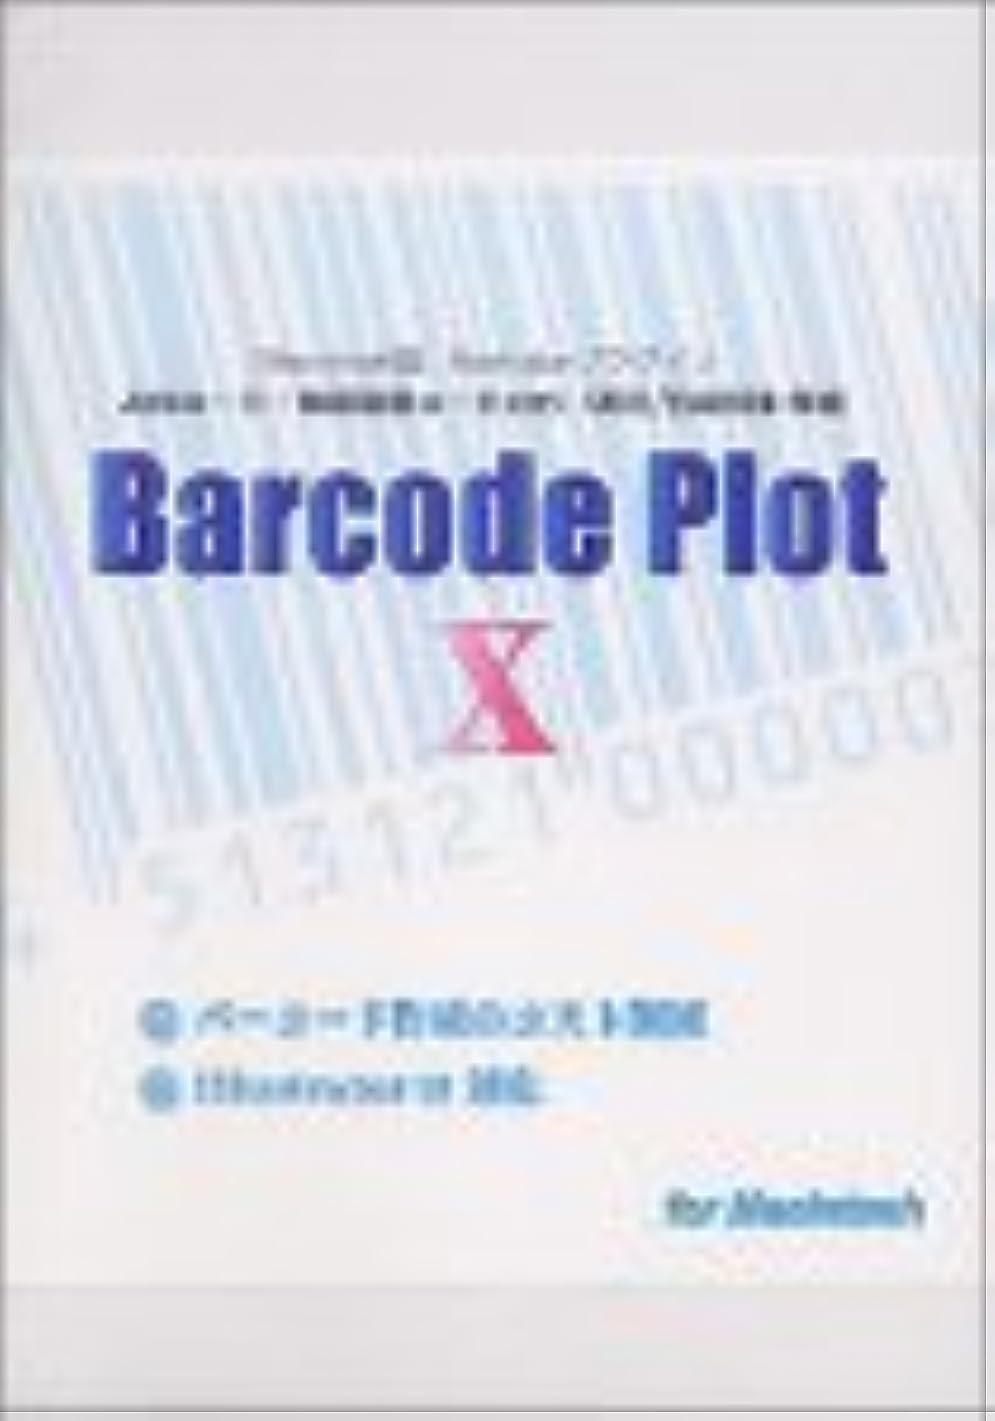 通信する杭世界記録のギネスブックBarcode Plot X